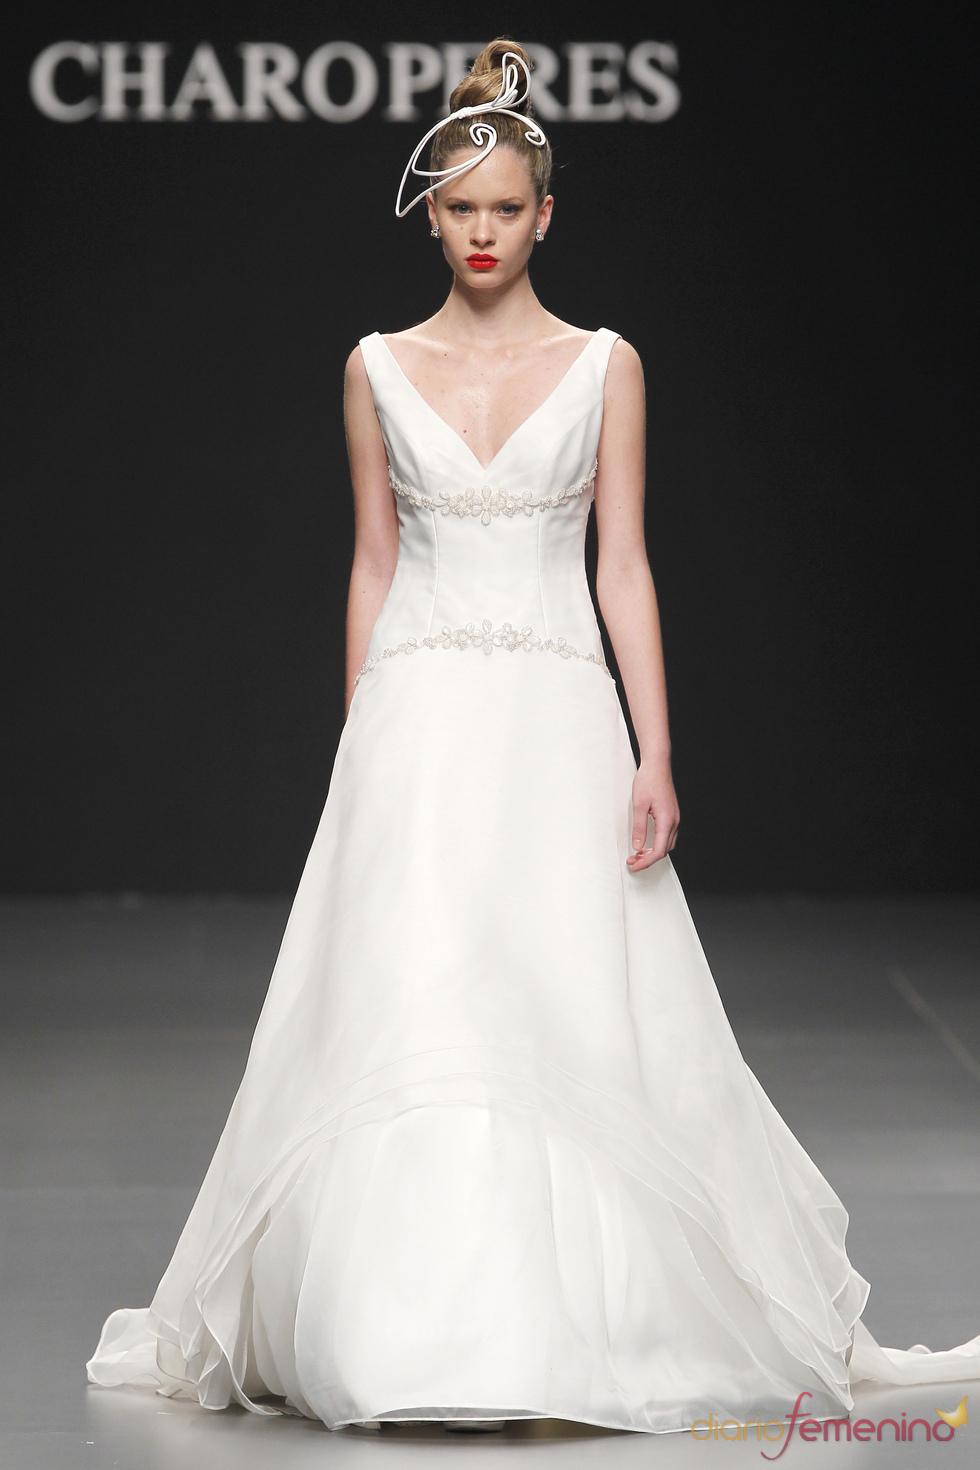 Vestido de novia con escote en pico de Charo Peres